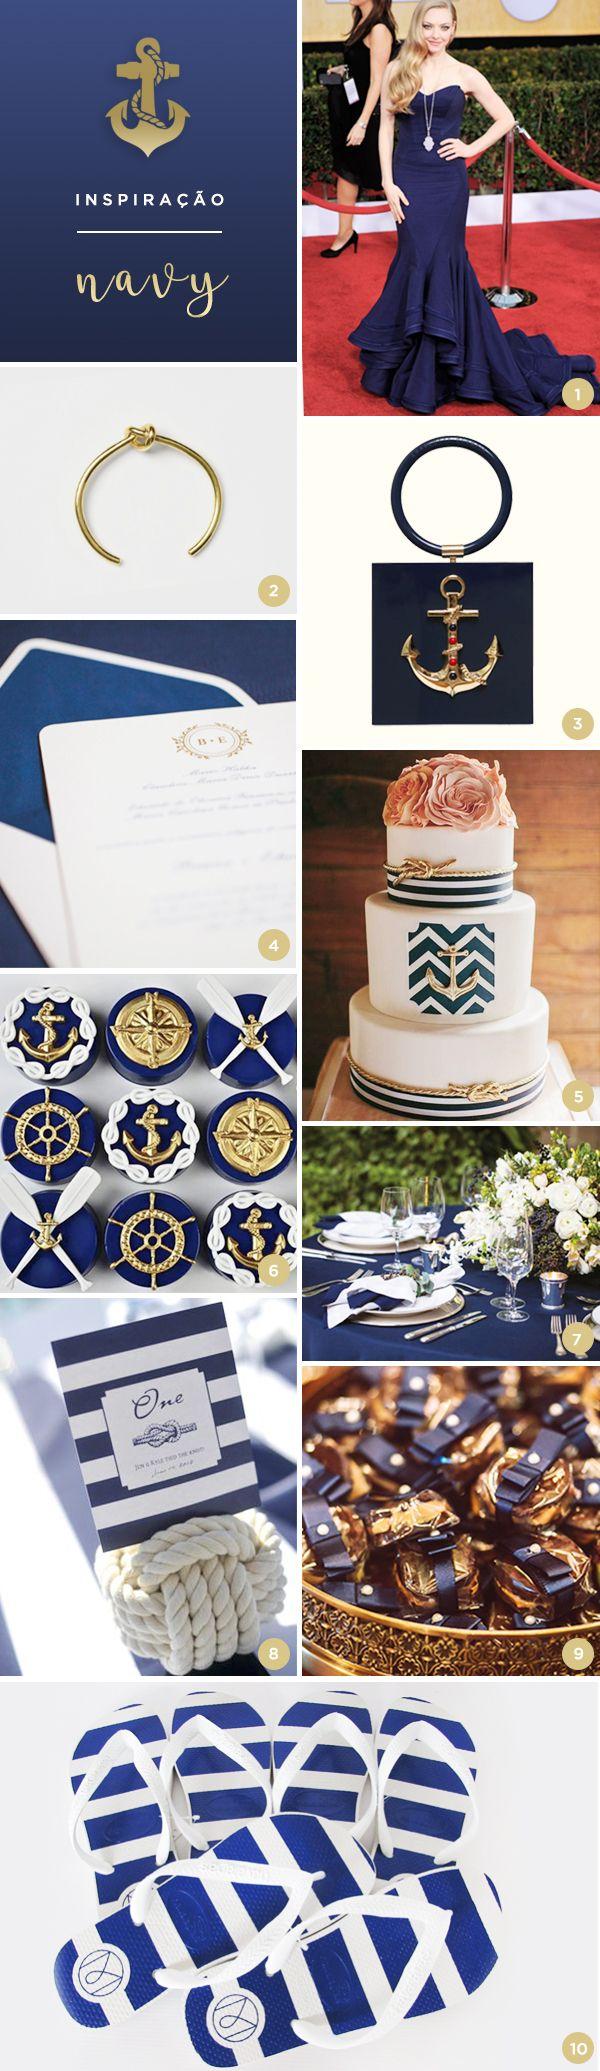 10 ideias para uma festa de 15 anos com tema navy - Constance Zahn | 15 anos